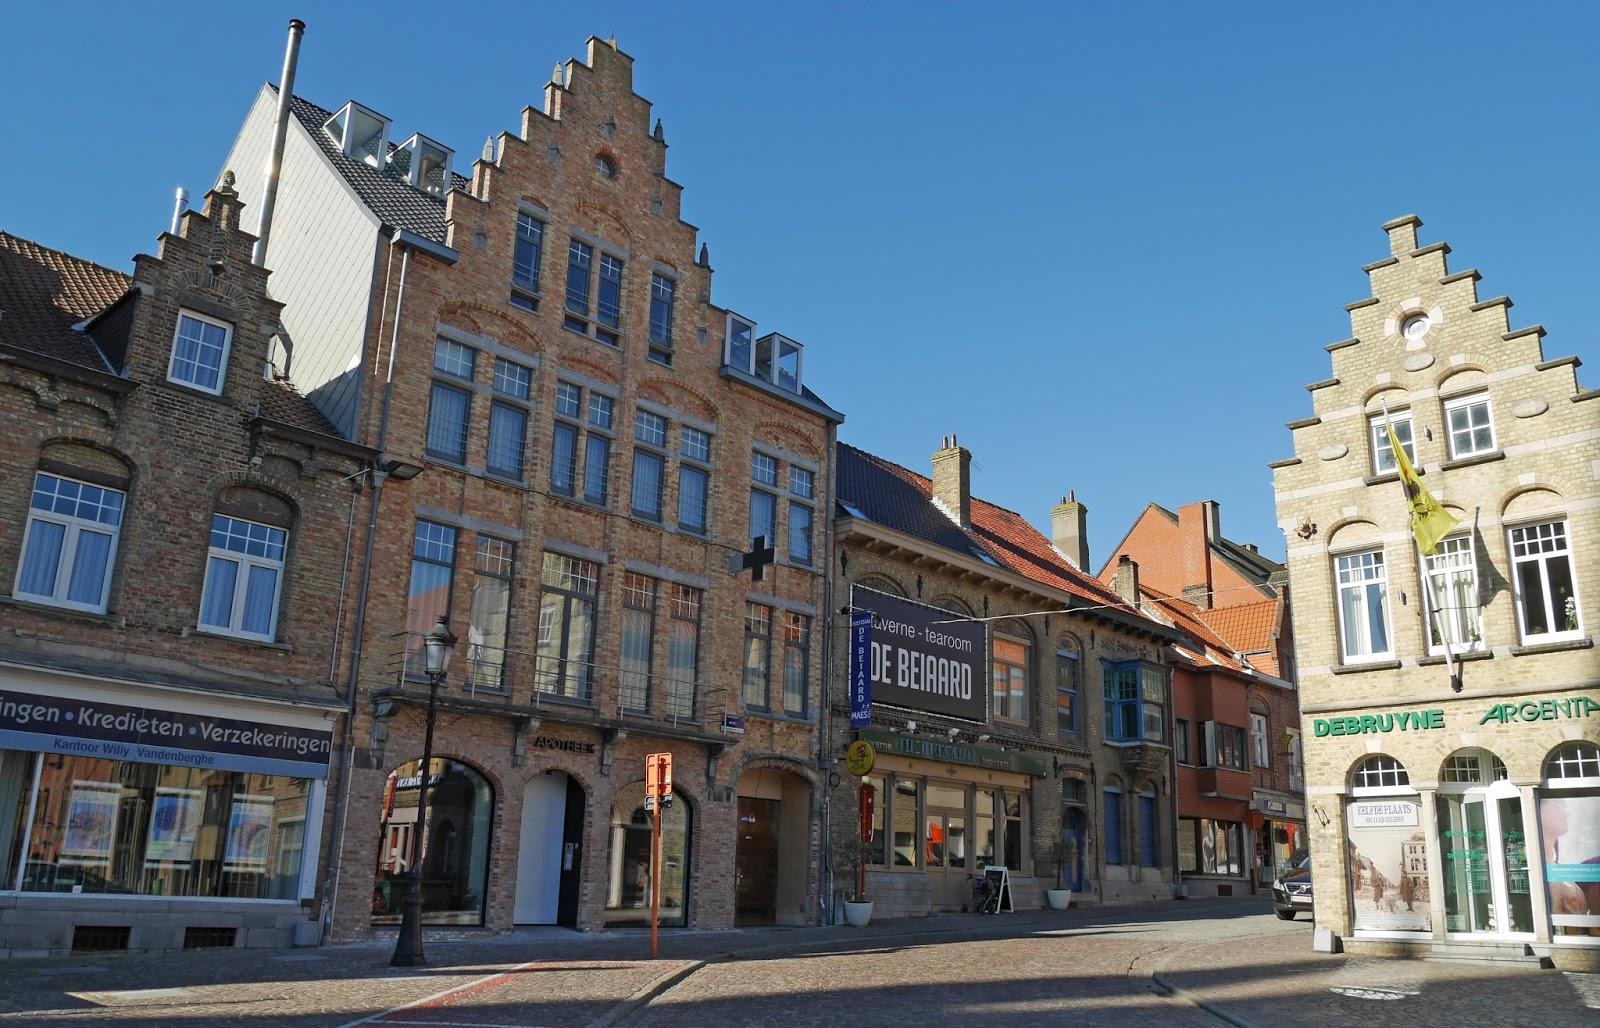 Architecture in Nieuwpoort, Belgium